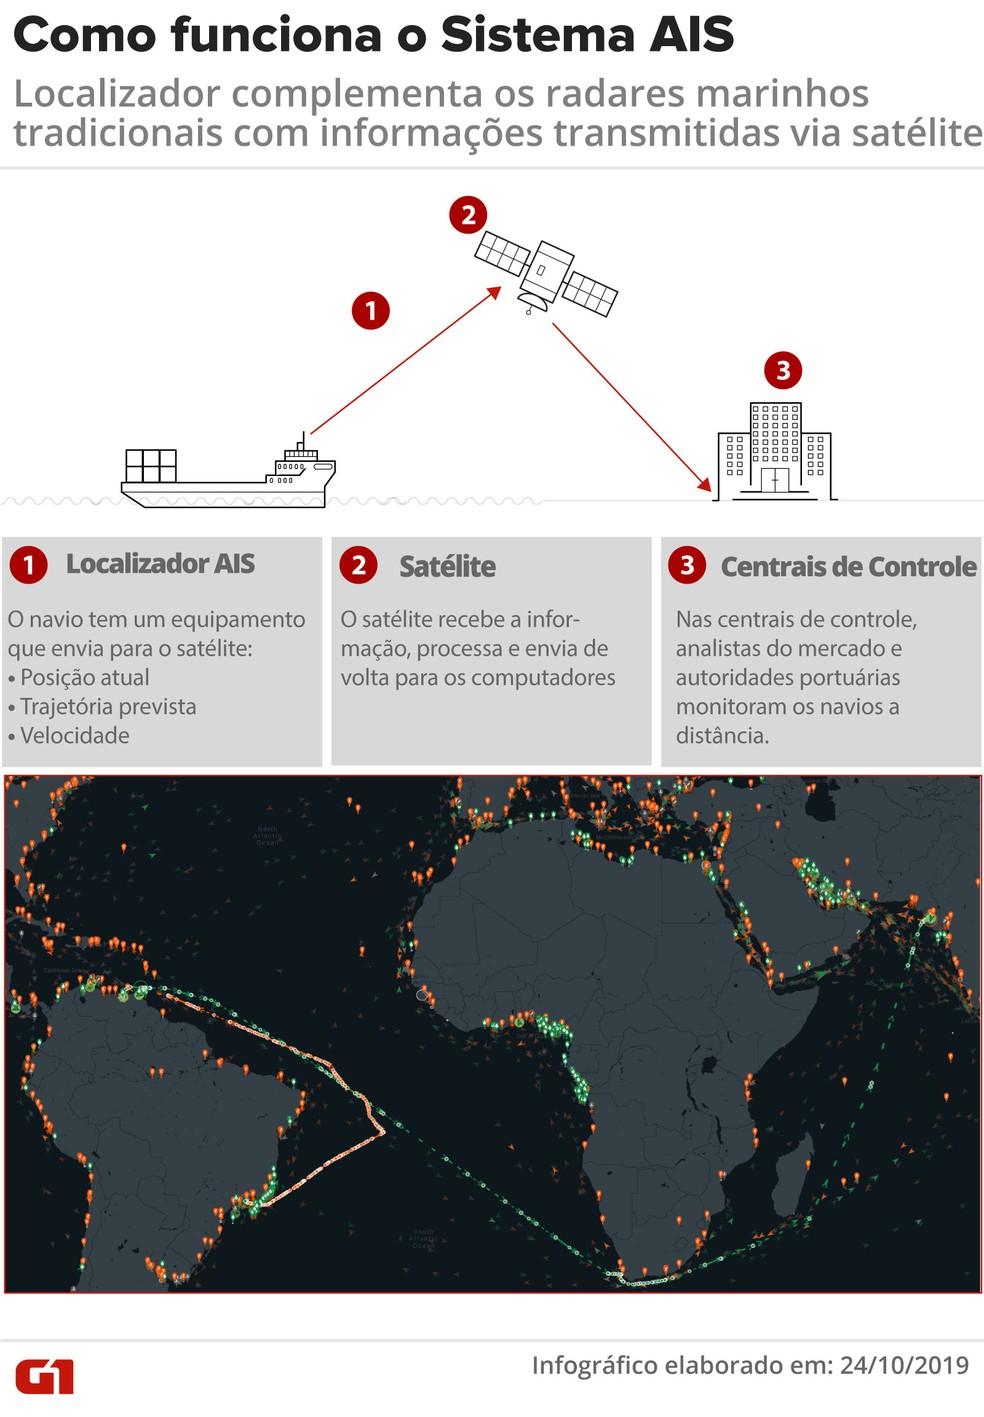 Sistema AIS permite localização de navios durante trajetos — Foto: Arte/G1